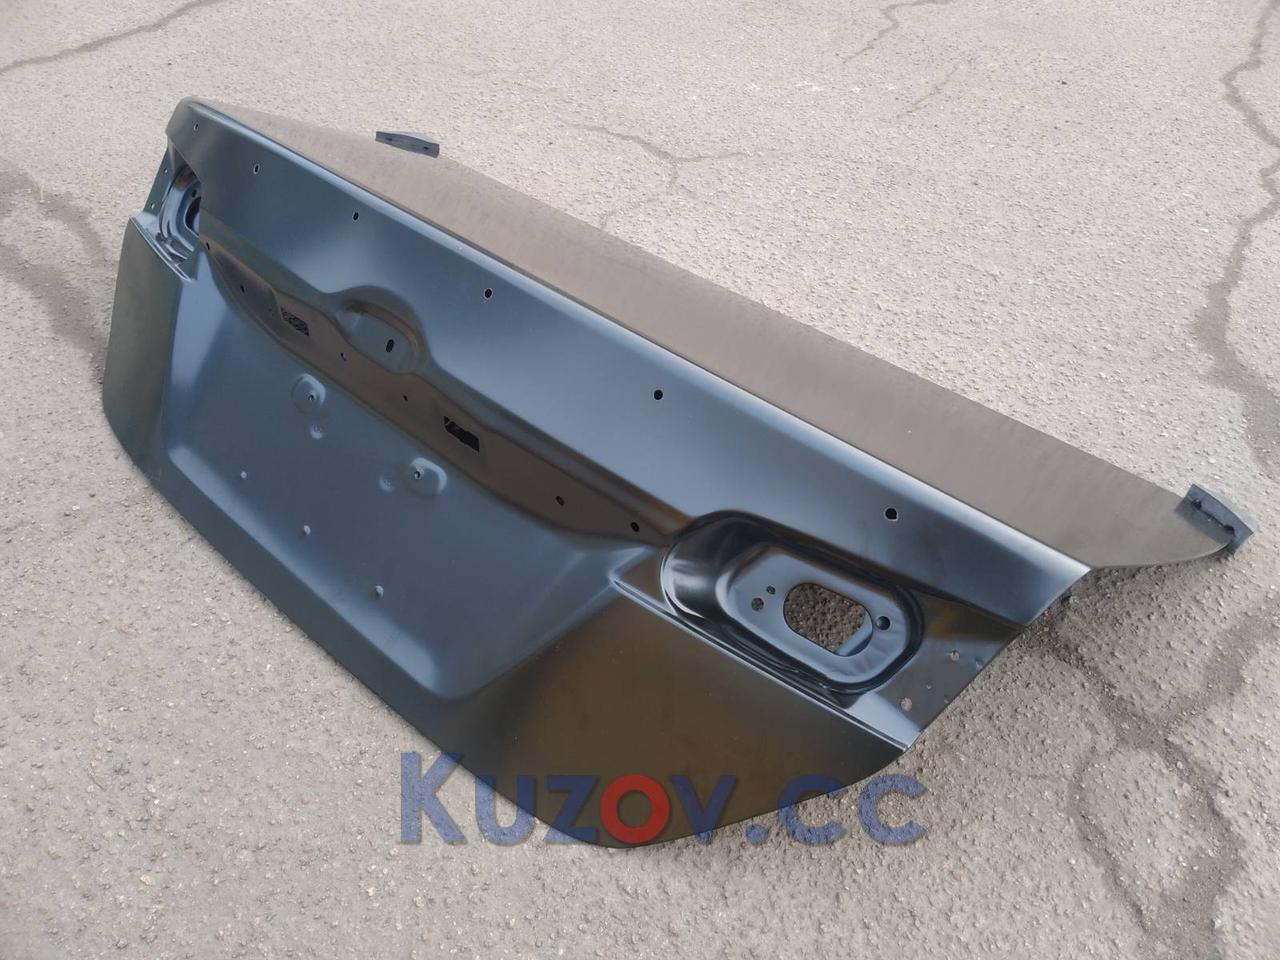 Крышка багажника Toyota Camry V50 '11-14 USA(FPS) под спойлер 6440106630